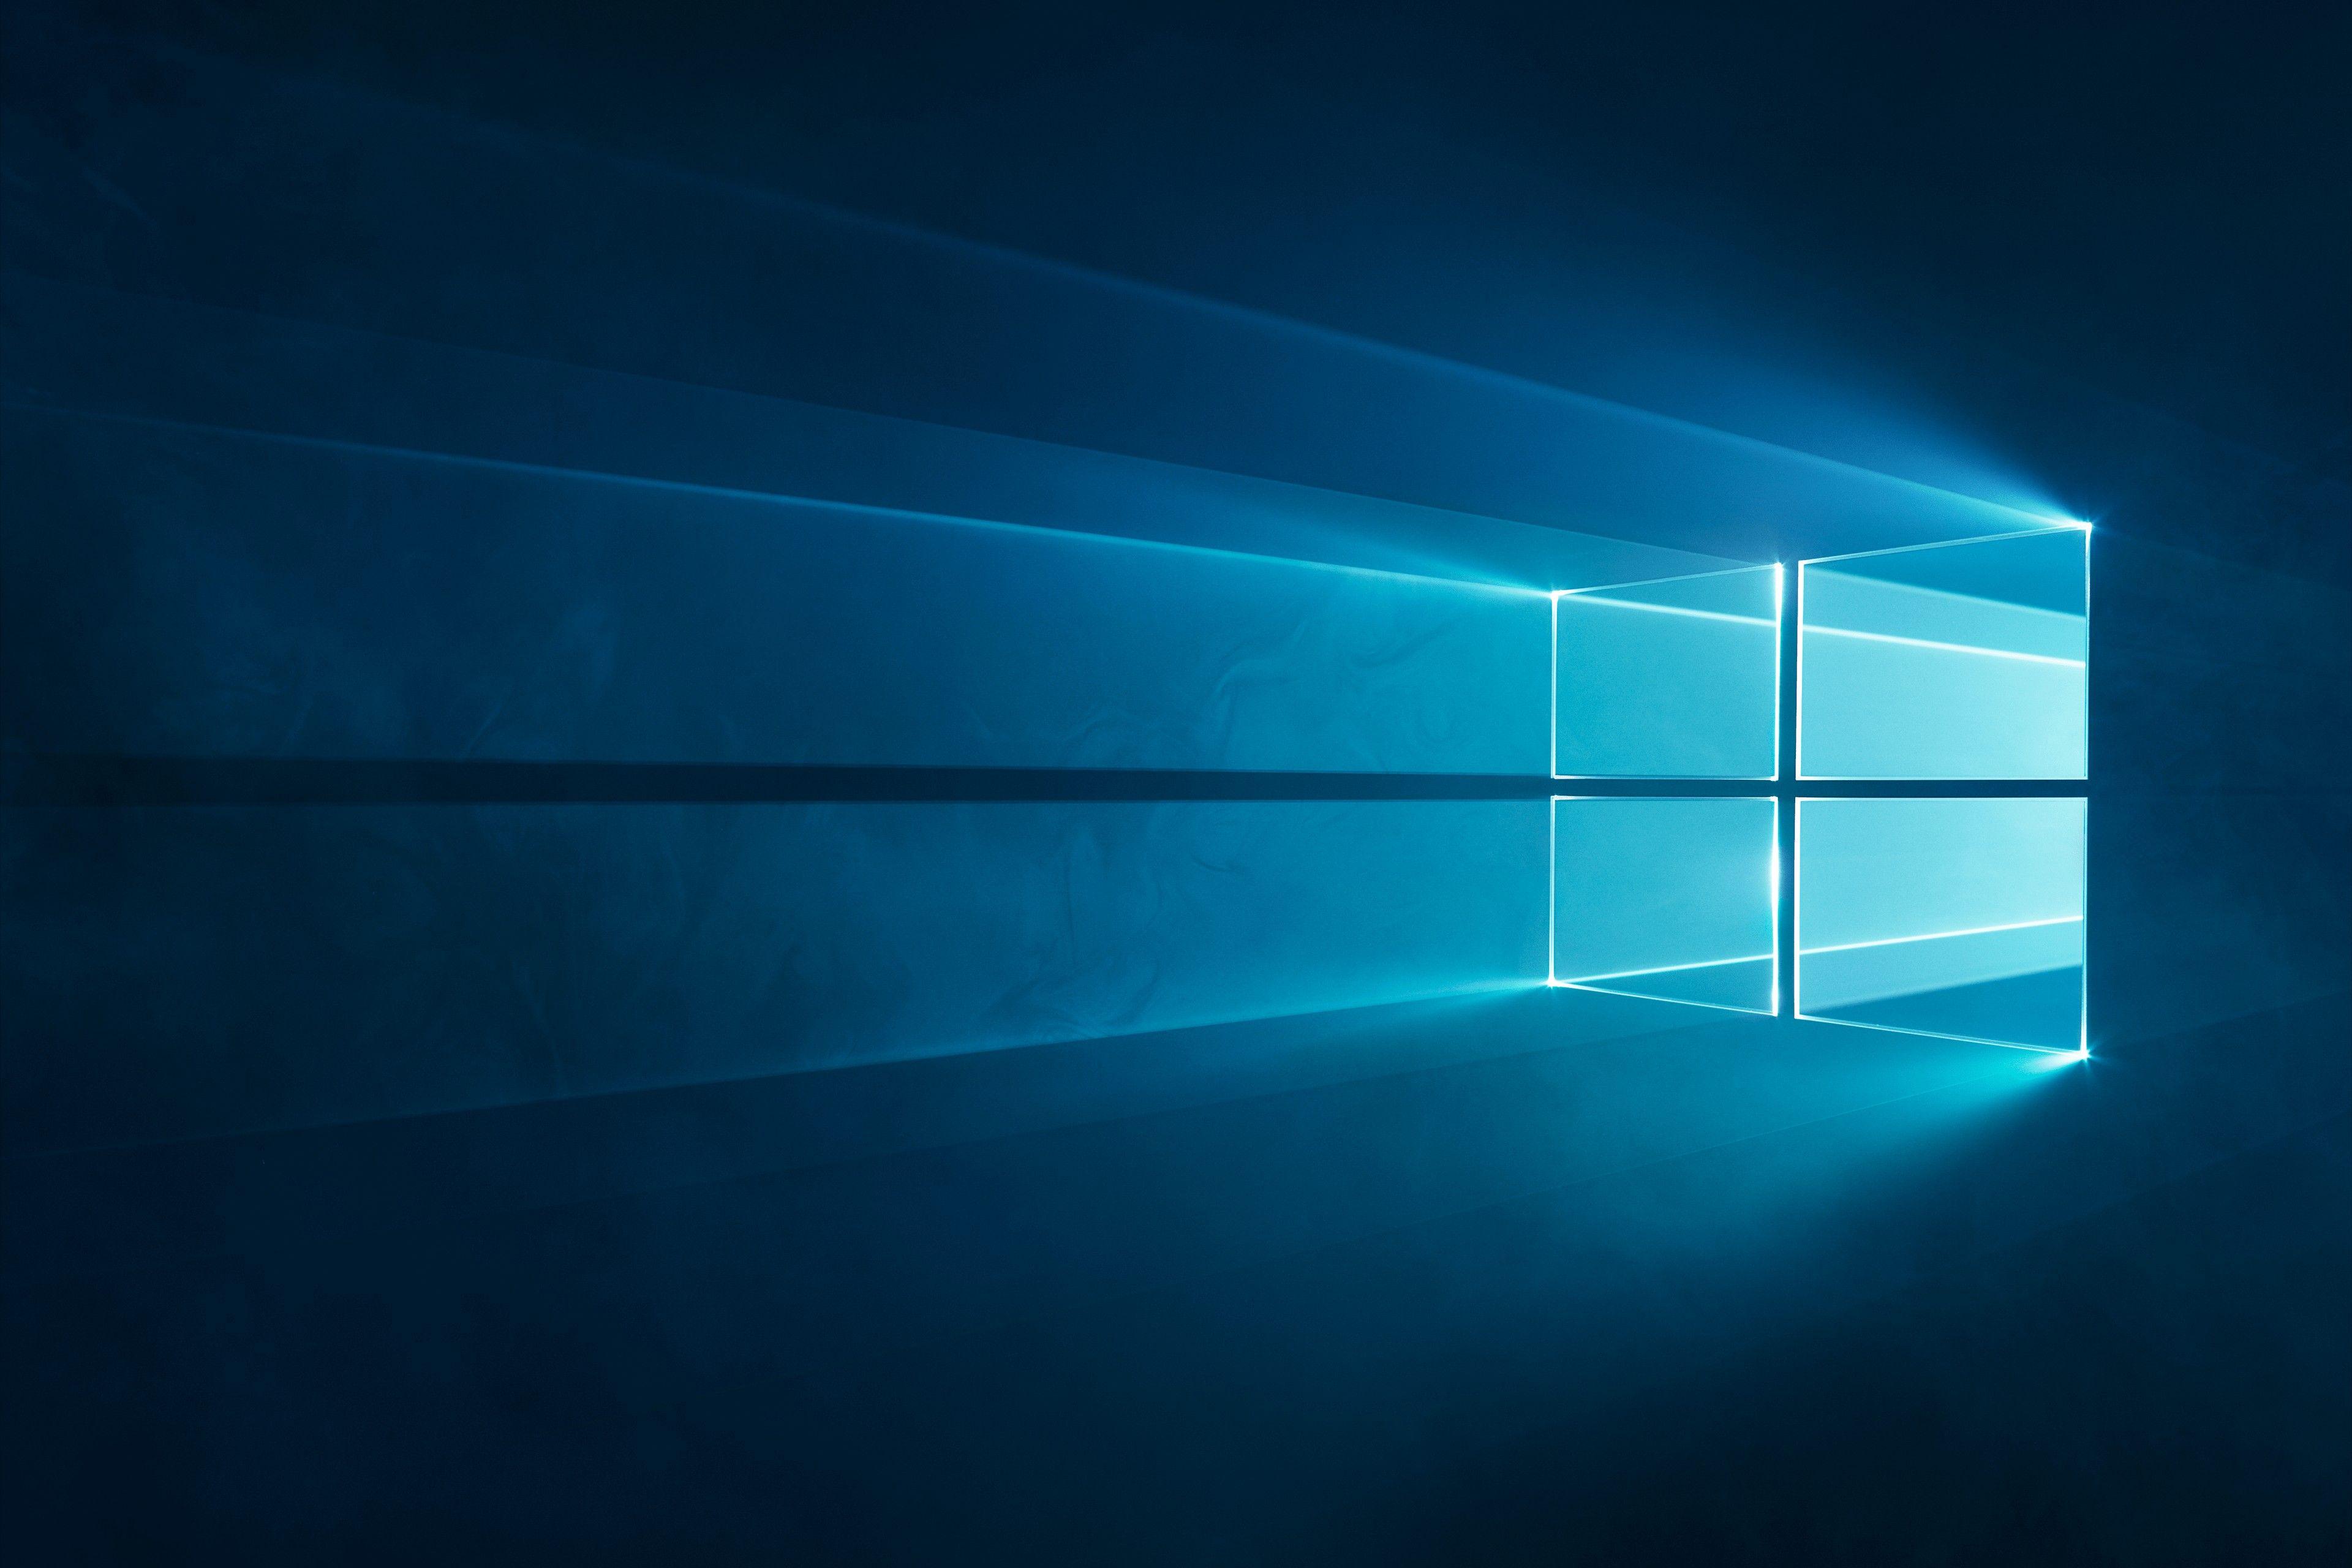 Inspirational Windows 10 Desktop Wallpaper Hd Windows 10 Microsoft Microsoft Windows